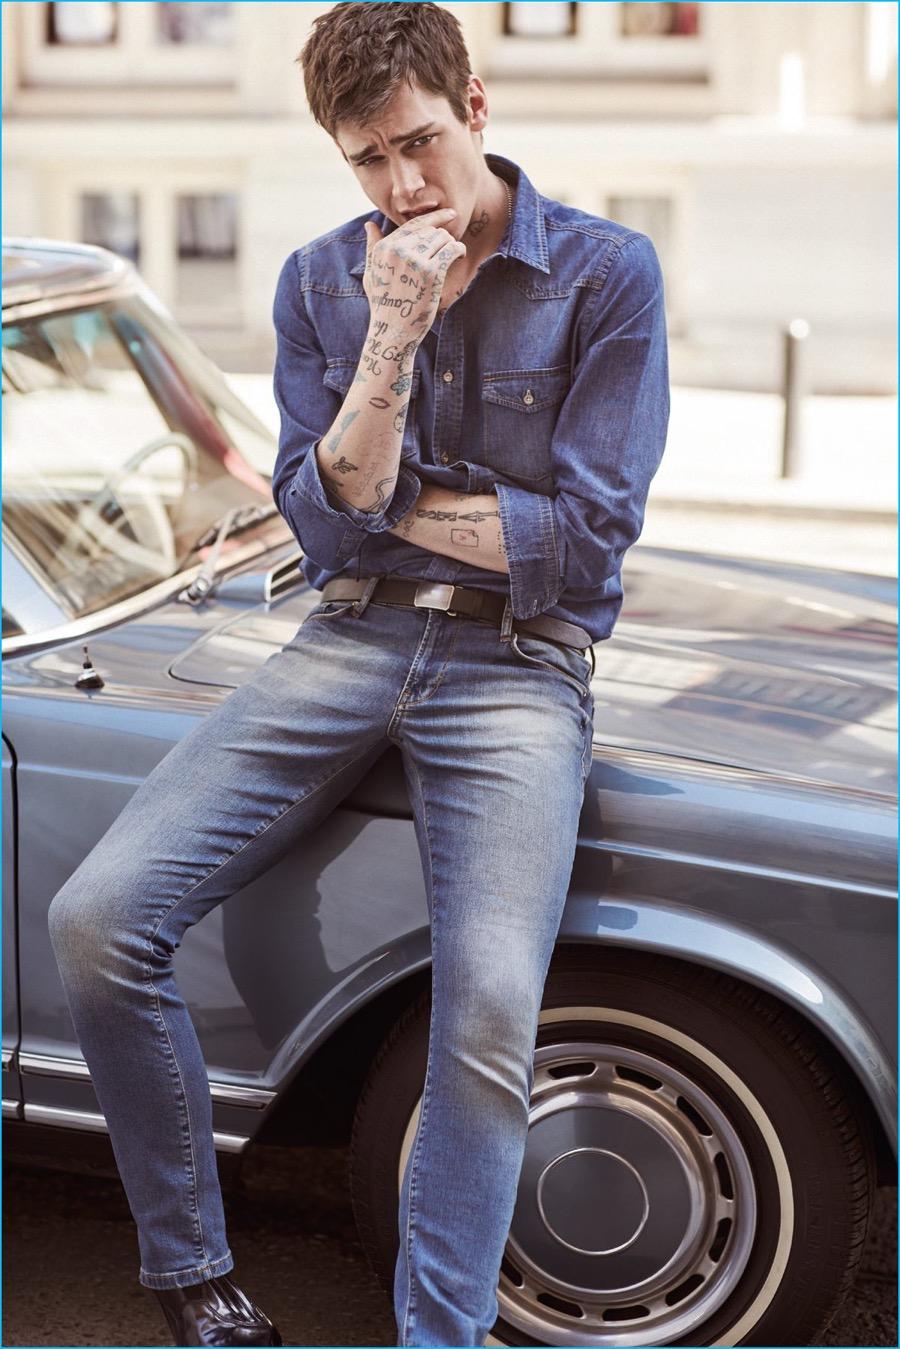 cole mohr for koton jeans 2016 springsummer campaign